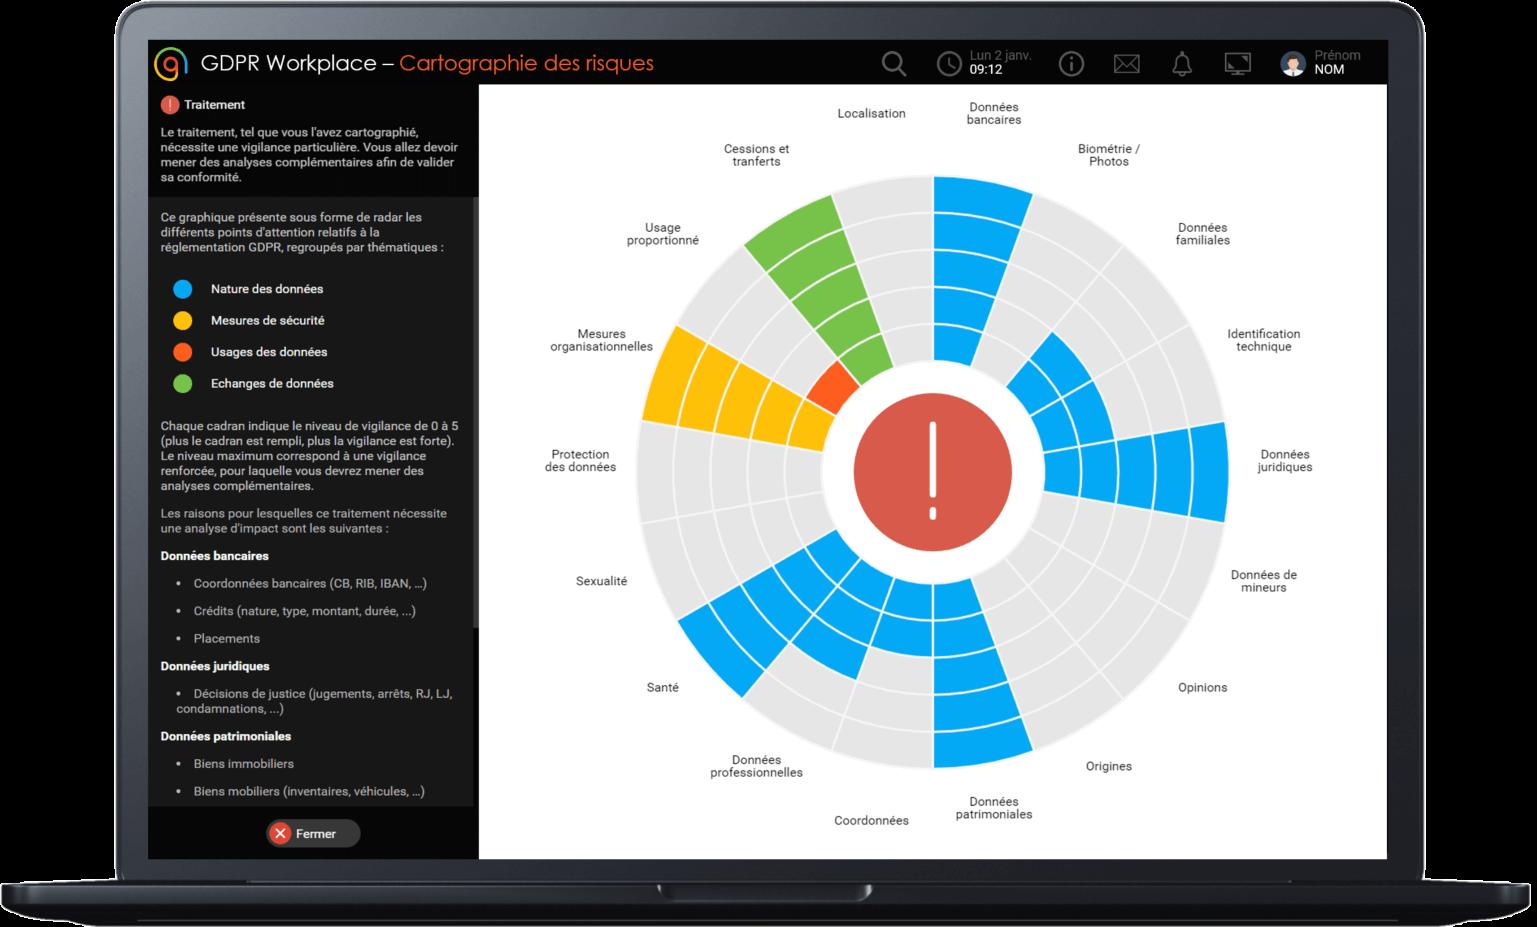 Logiciel RGPD - Cartographie des risques et actions